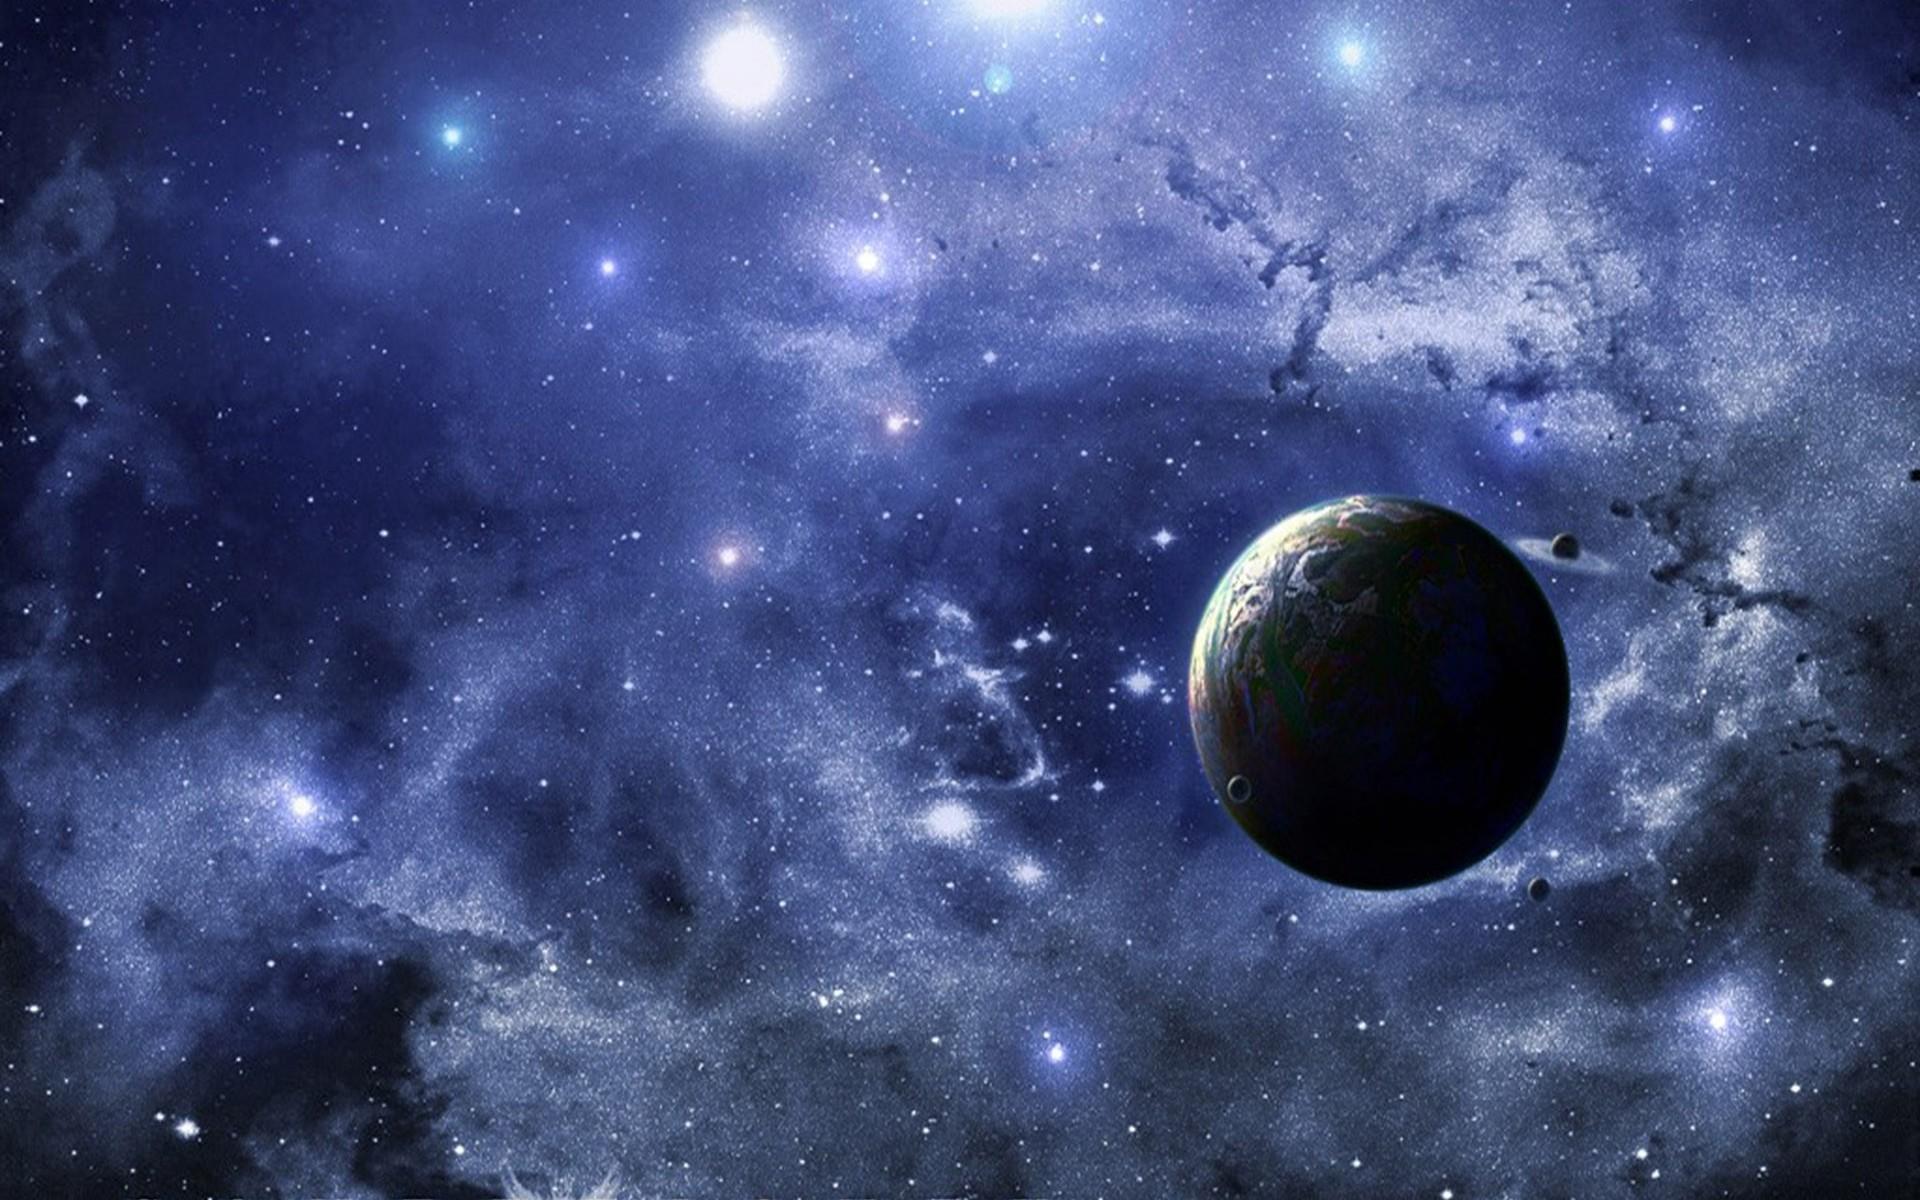 Universe Wallpaper 3D